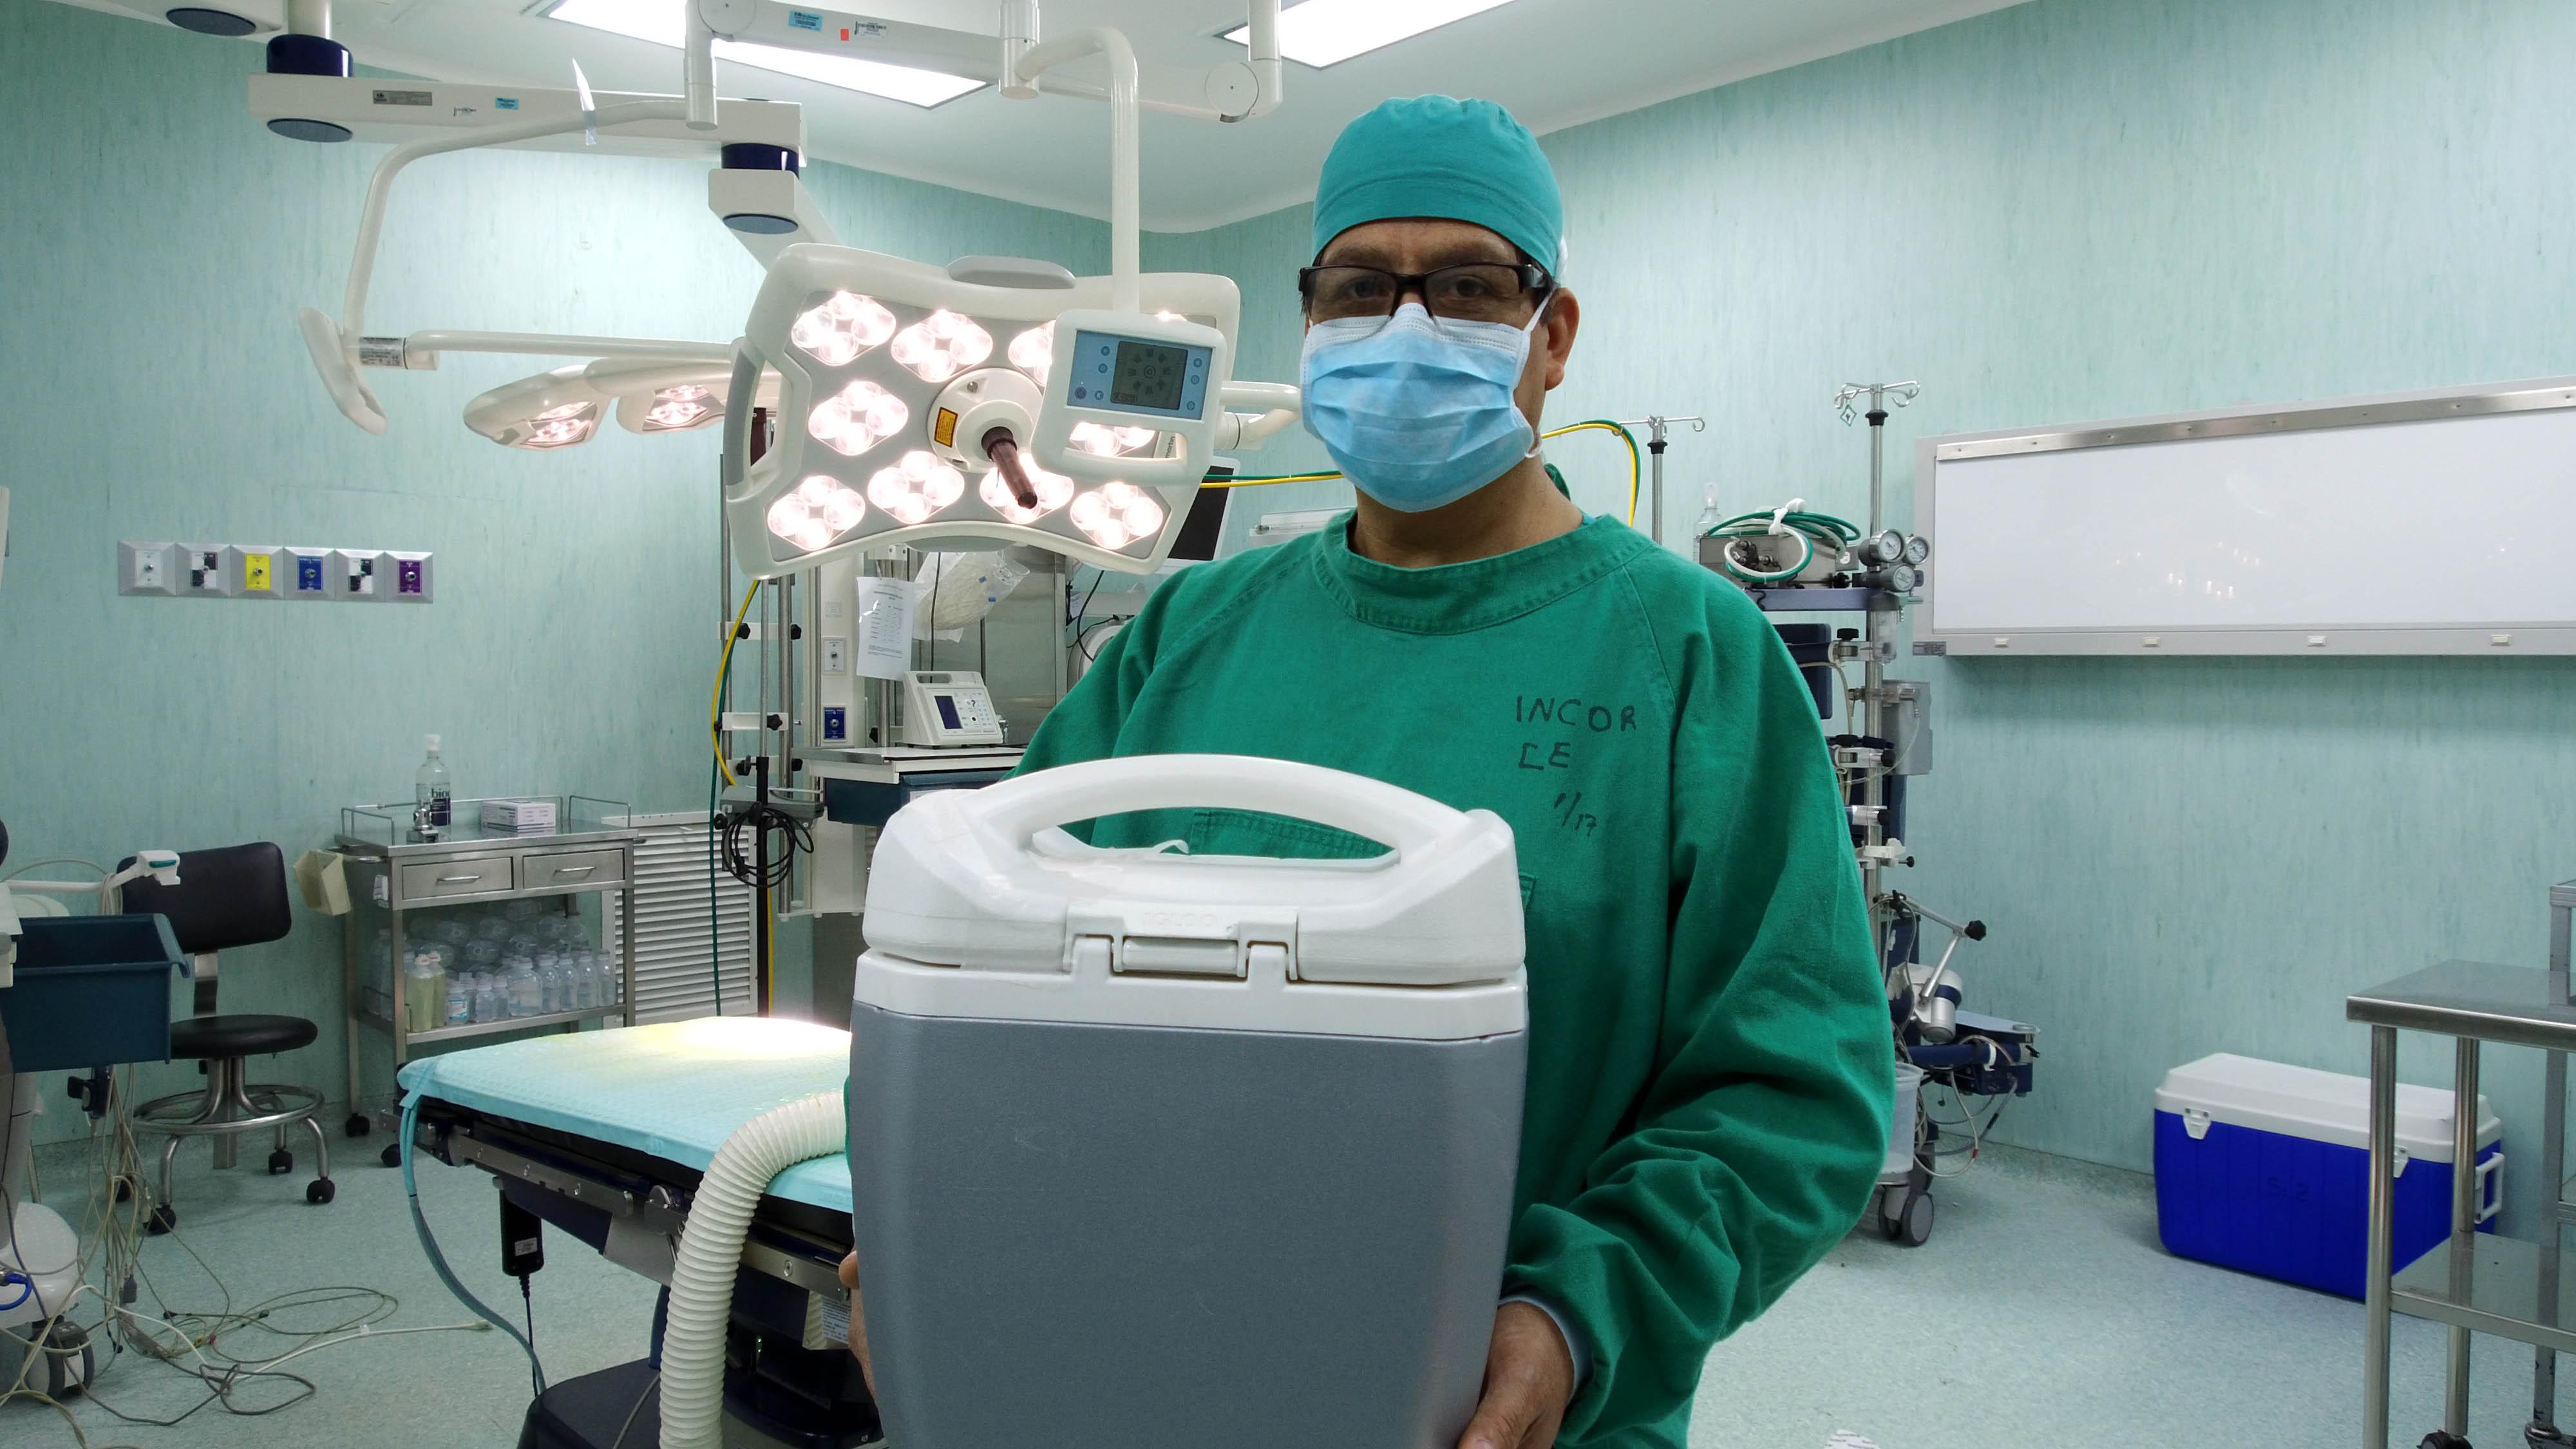 Essalud - EsSalud capacita a médicos para fortalecer donación y trasplante de órganos en el país